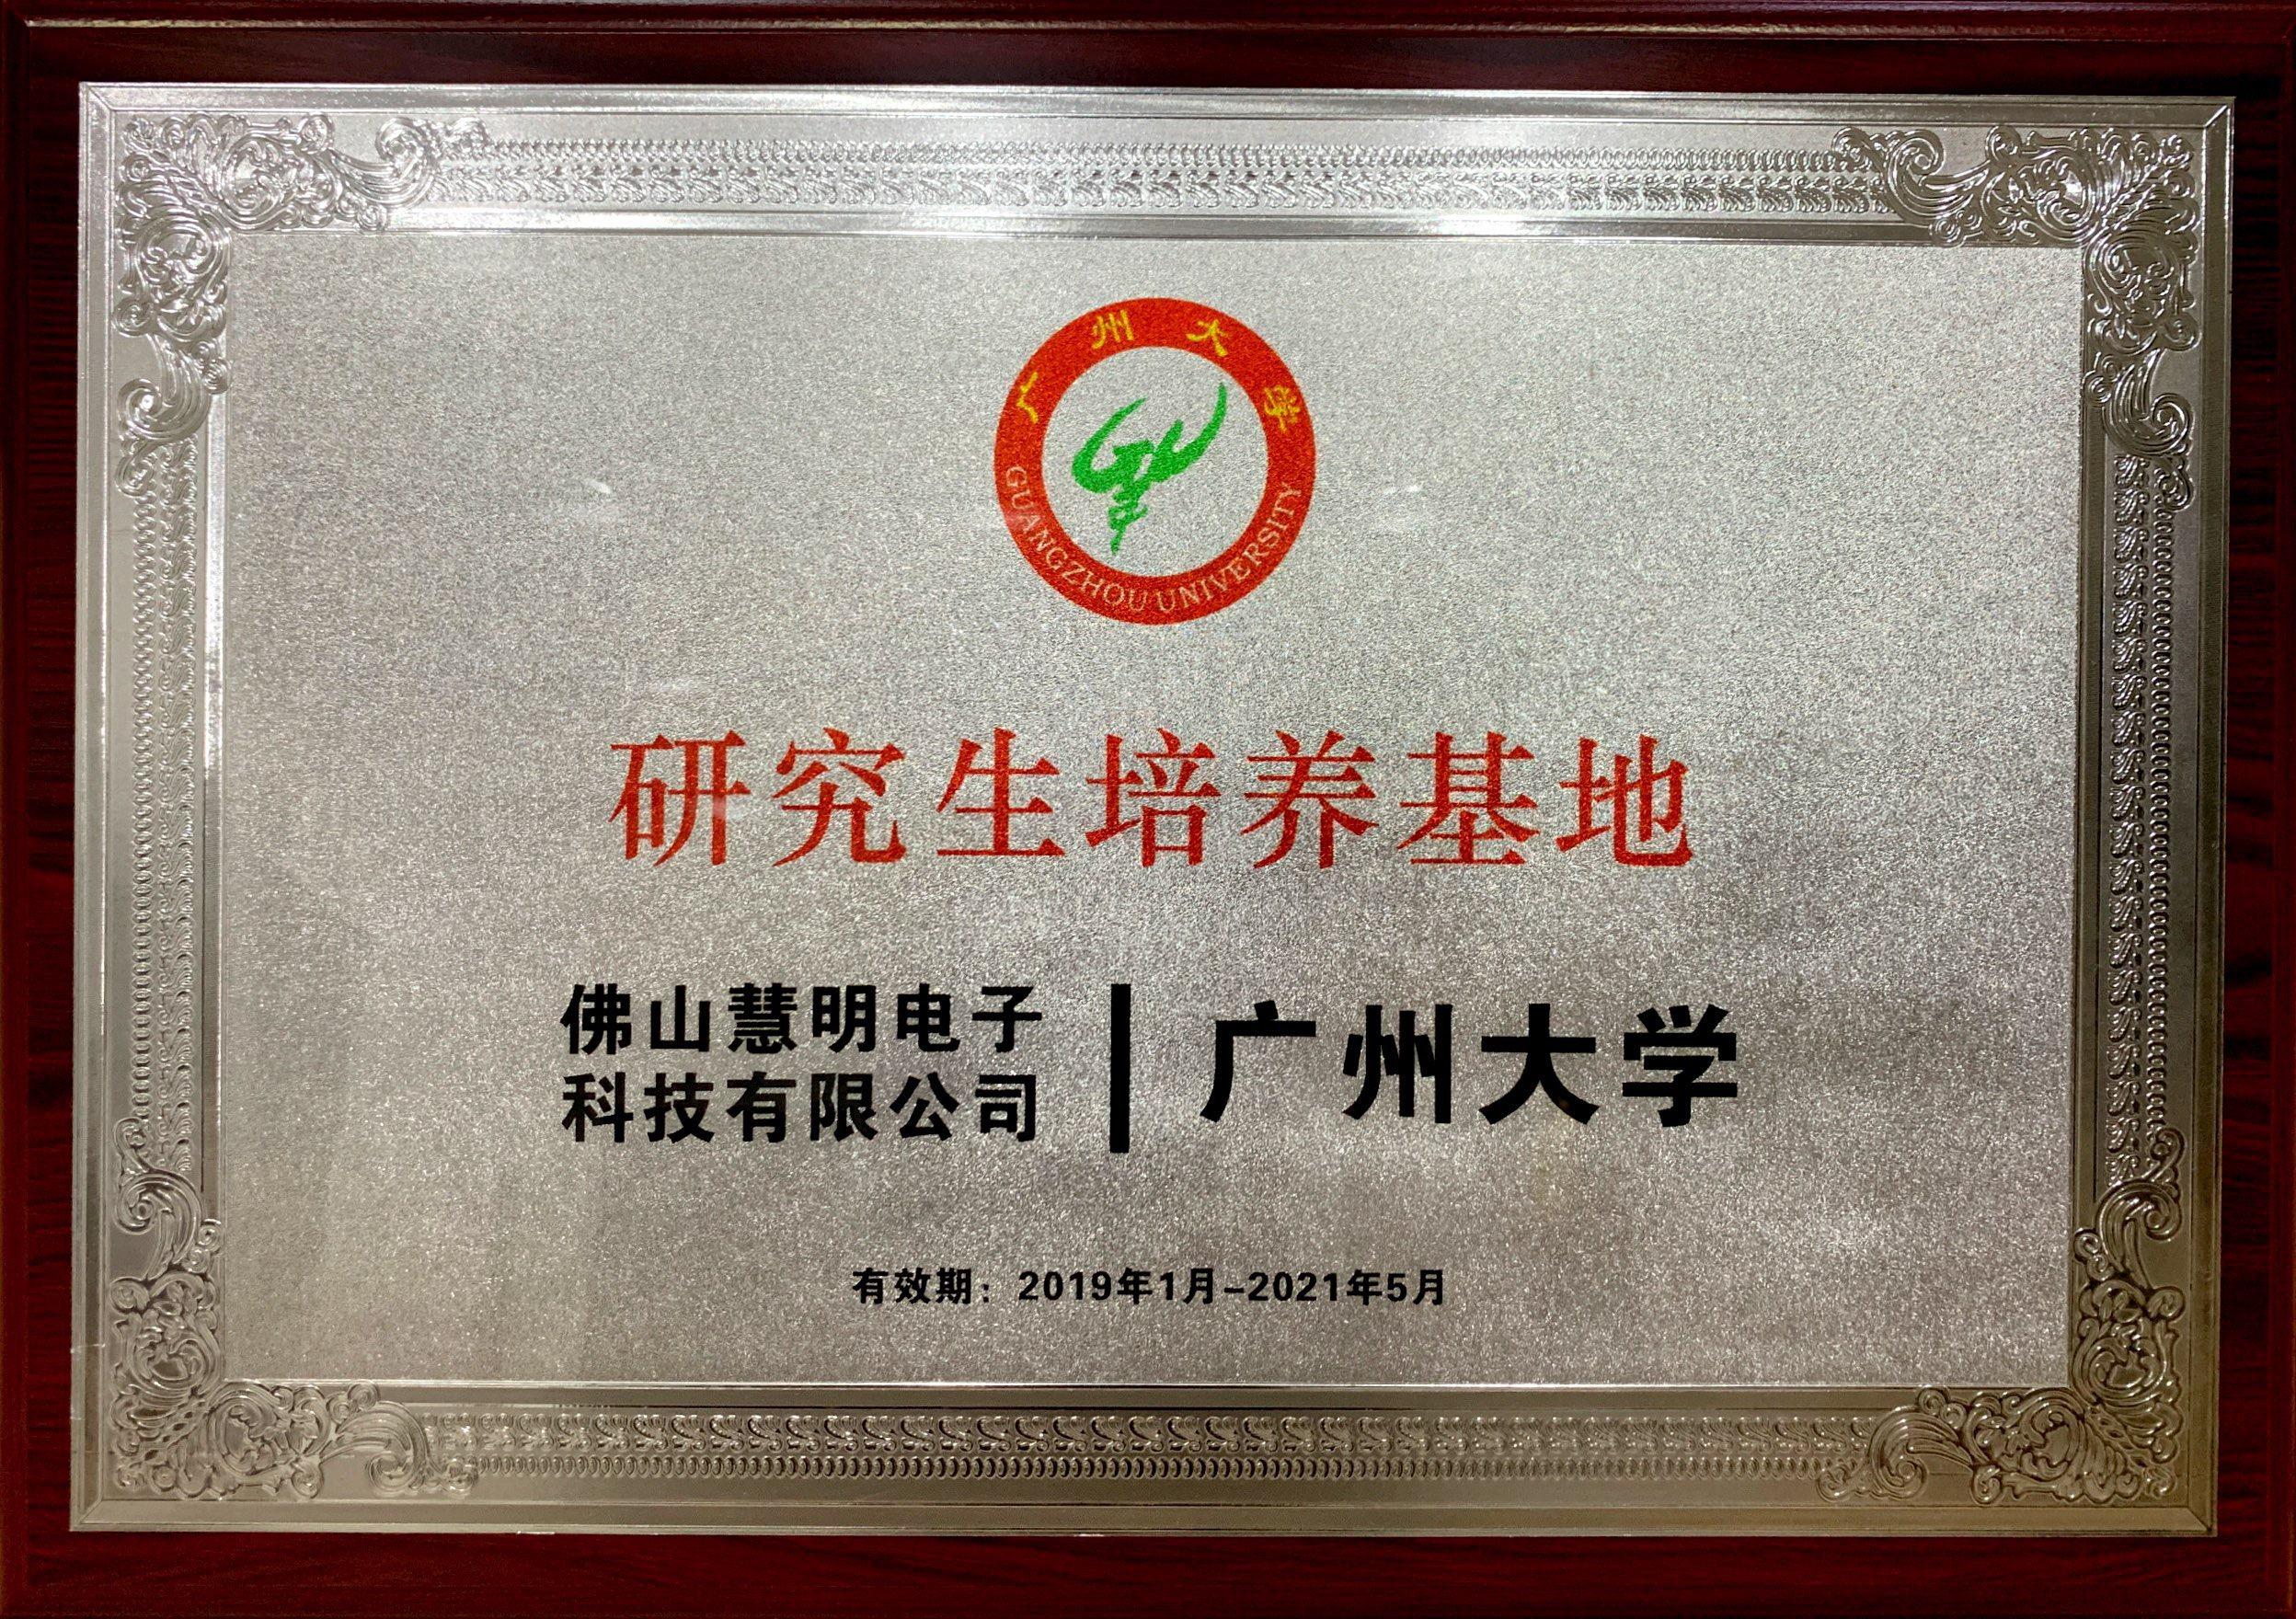 广州大学研究生培养基地